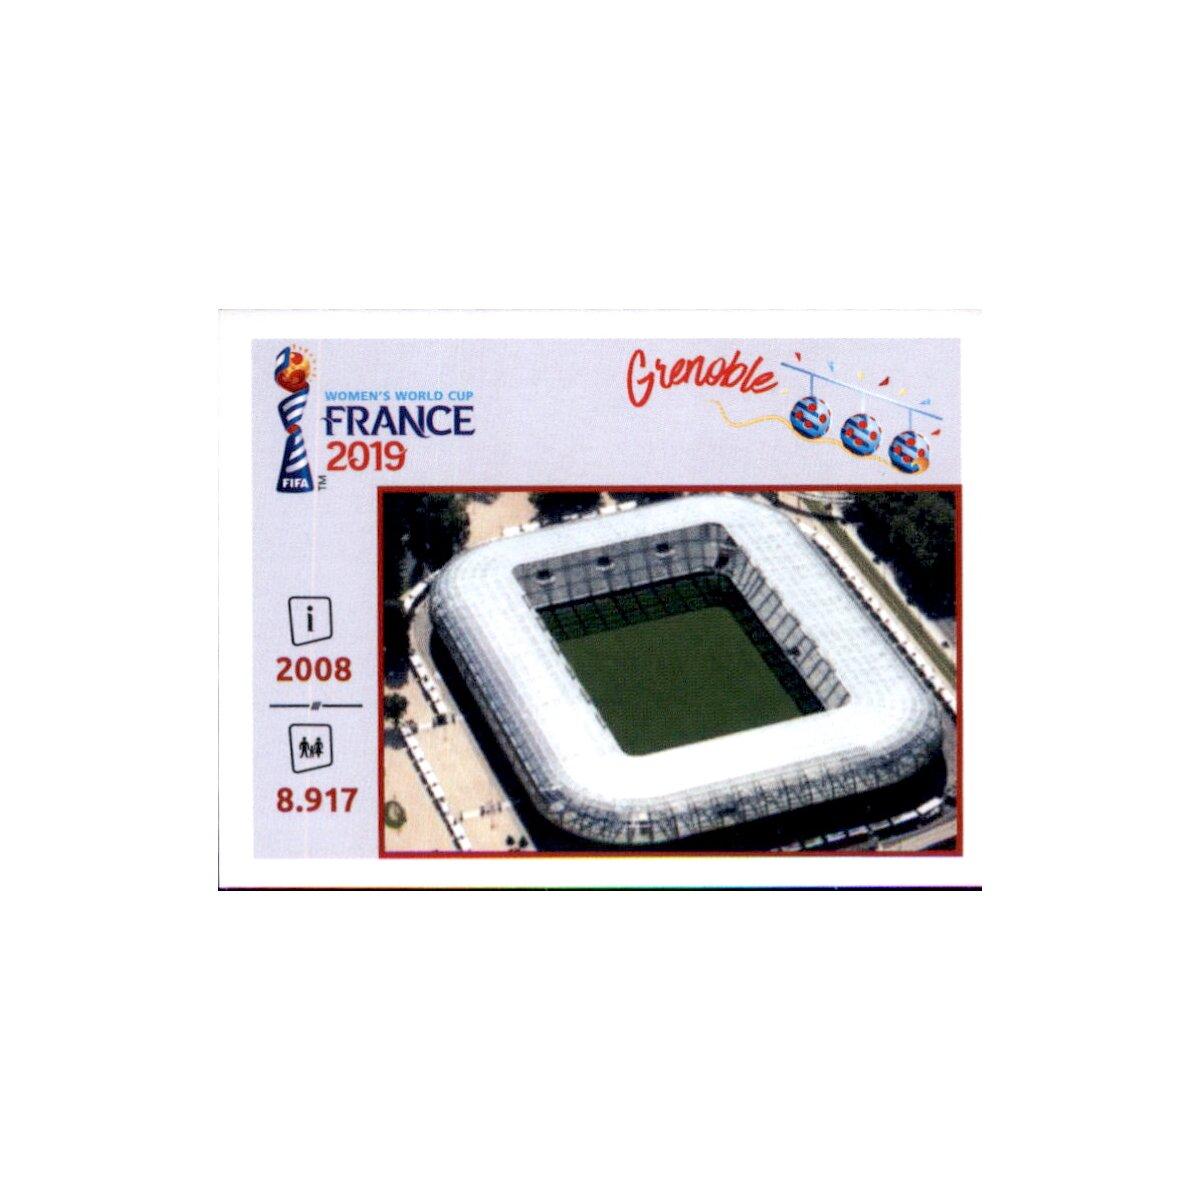 Orte und Stadien Panini Frauen WM 2019 Sticker 6 Grenoble